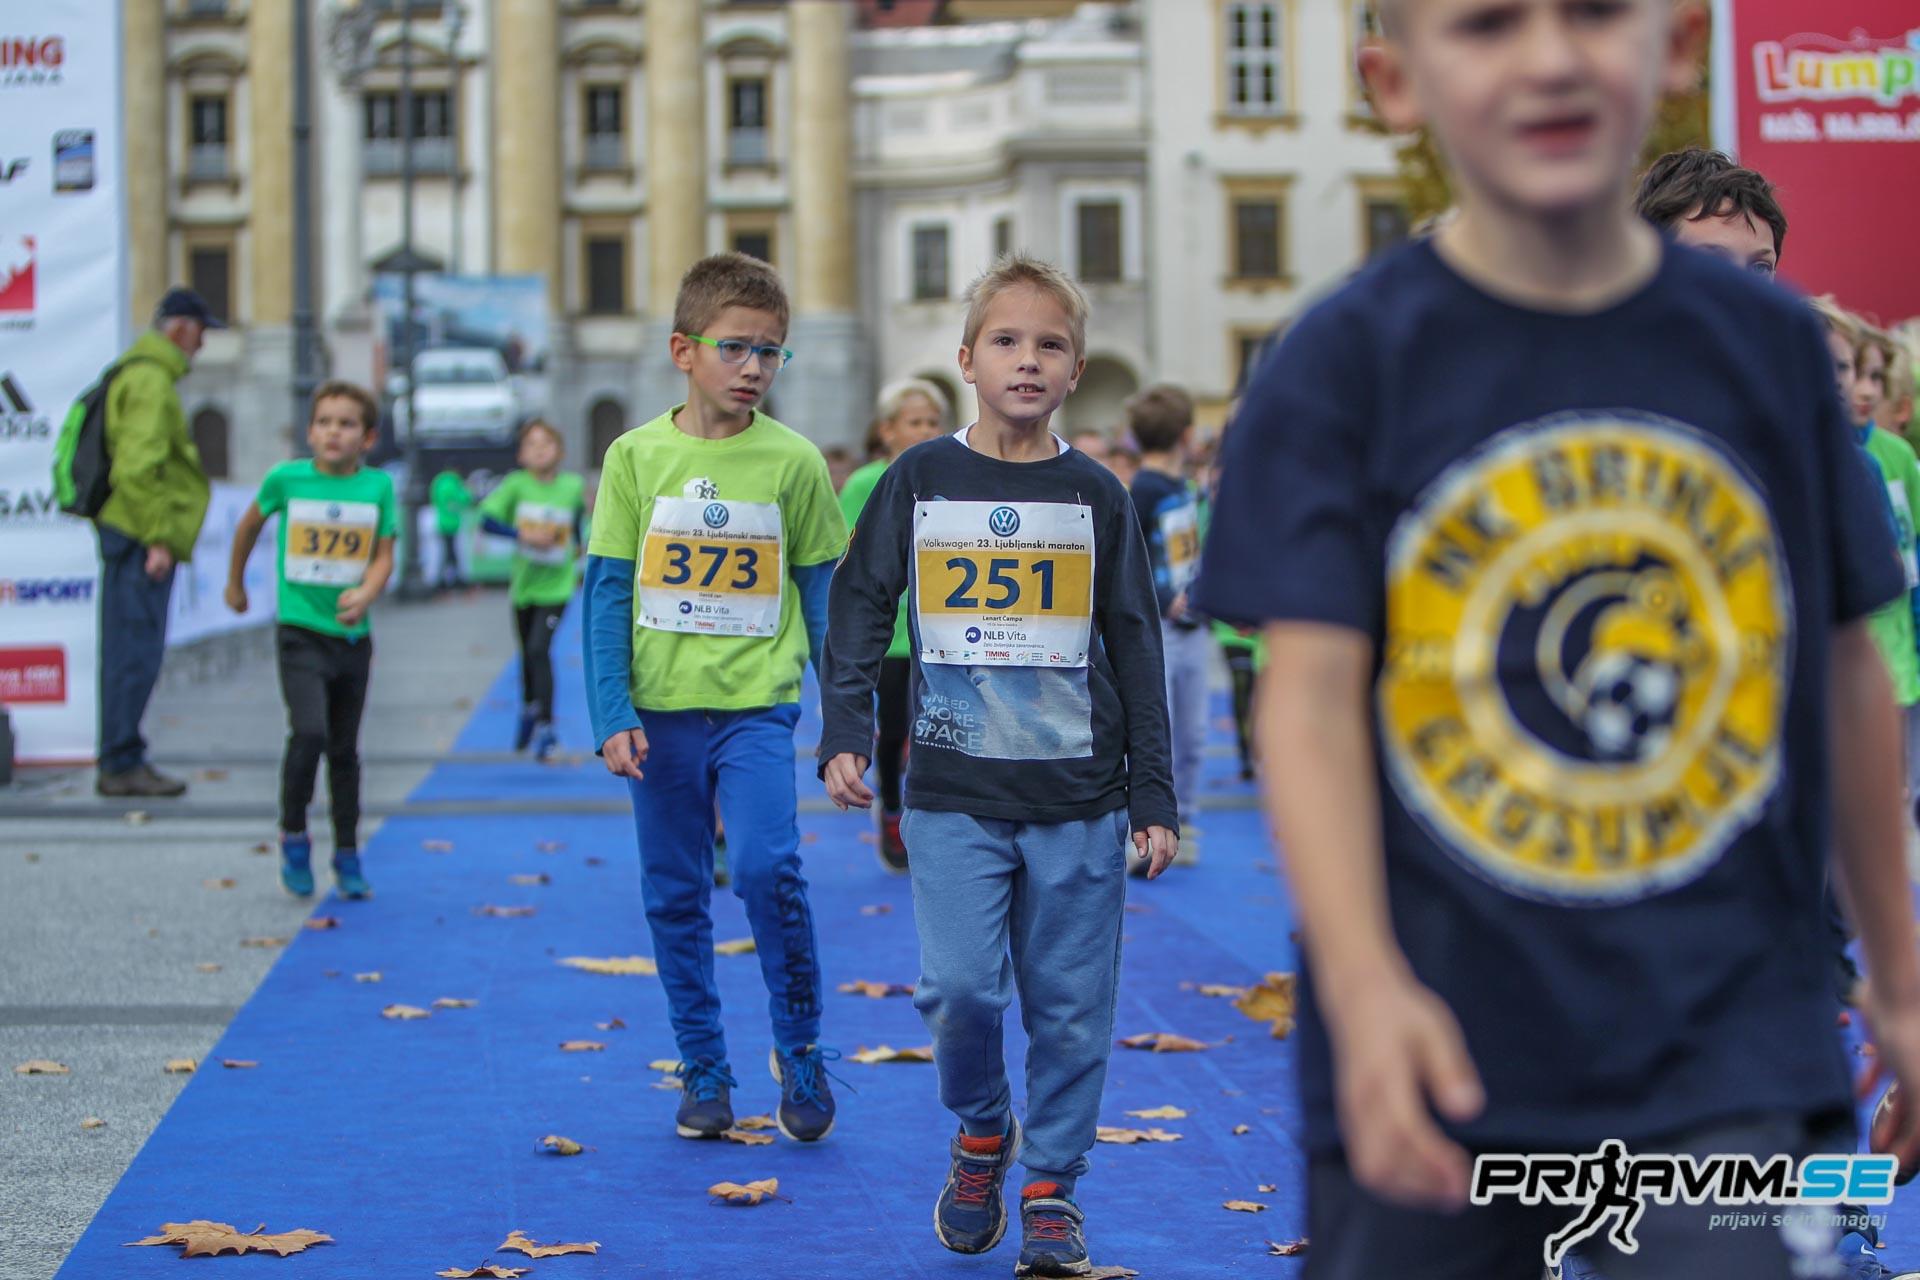 Ljubljanski_maraton_osnovna_sola_2018-0082.jpg